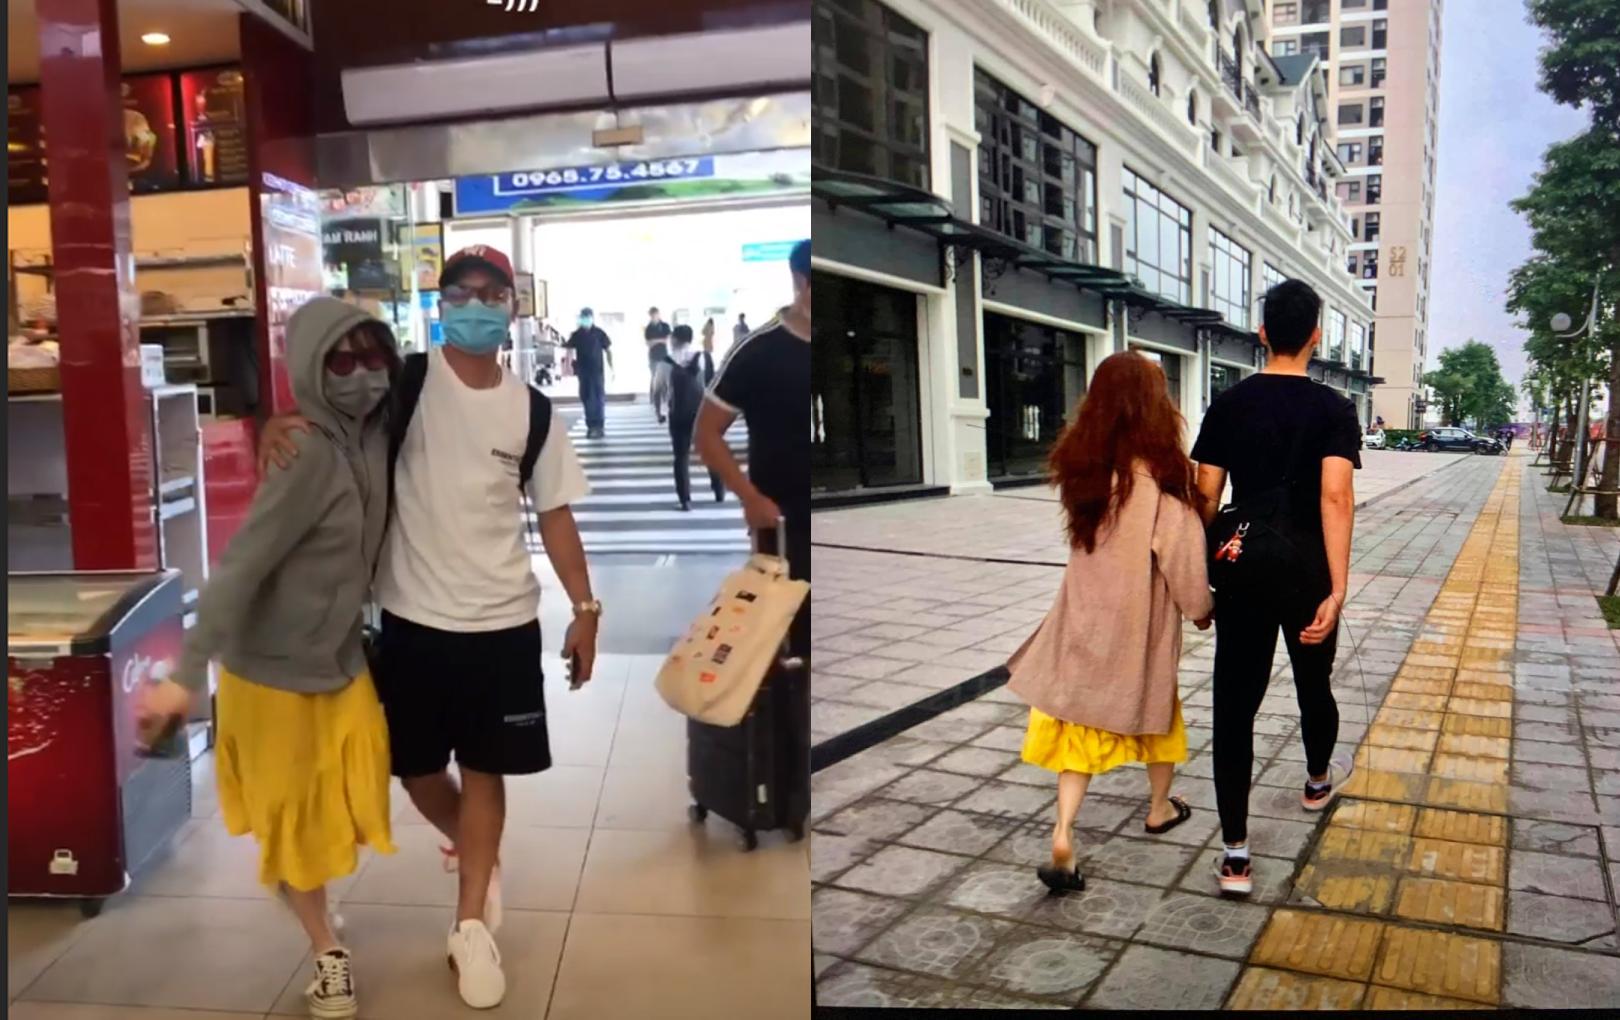 Trùng hợp thay, Huỳnh Anh đã từng diện chiếc váy vàng và đôi dép giống hệt cô gái bị tố là Tuesday